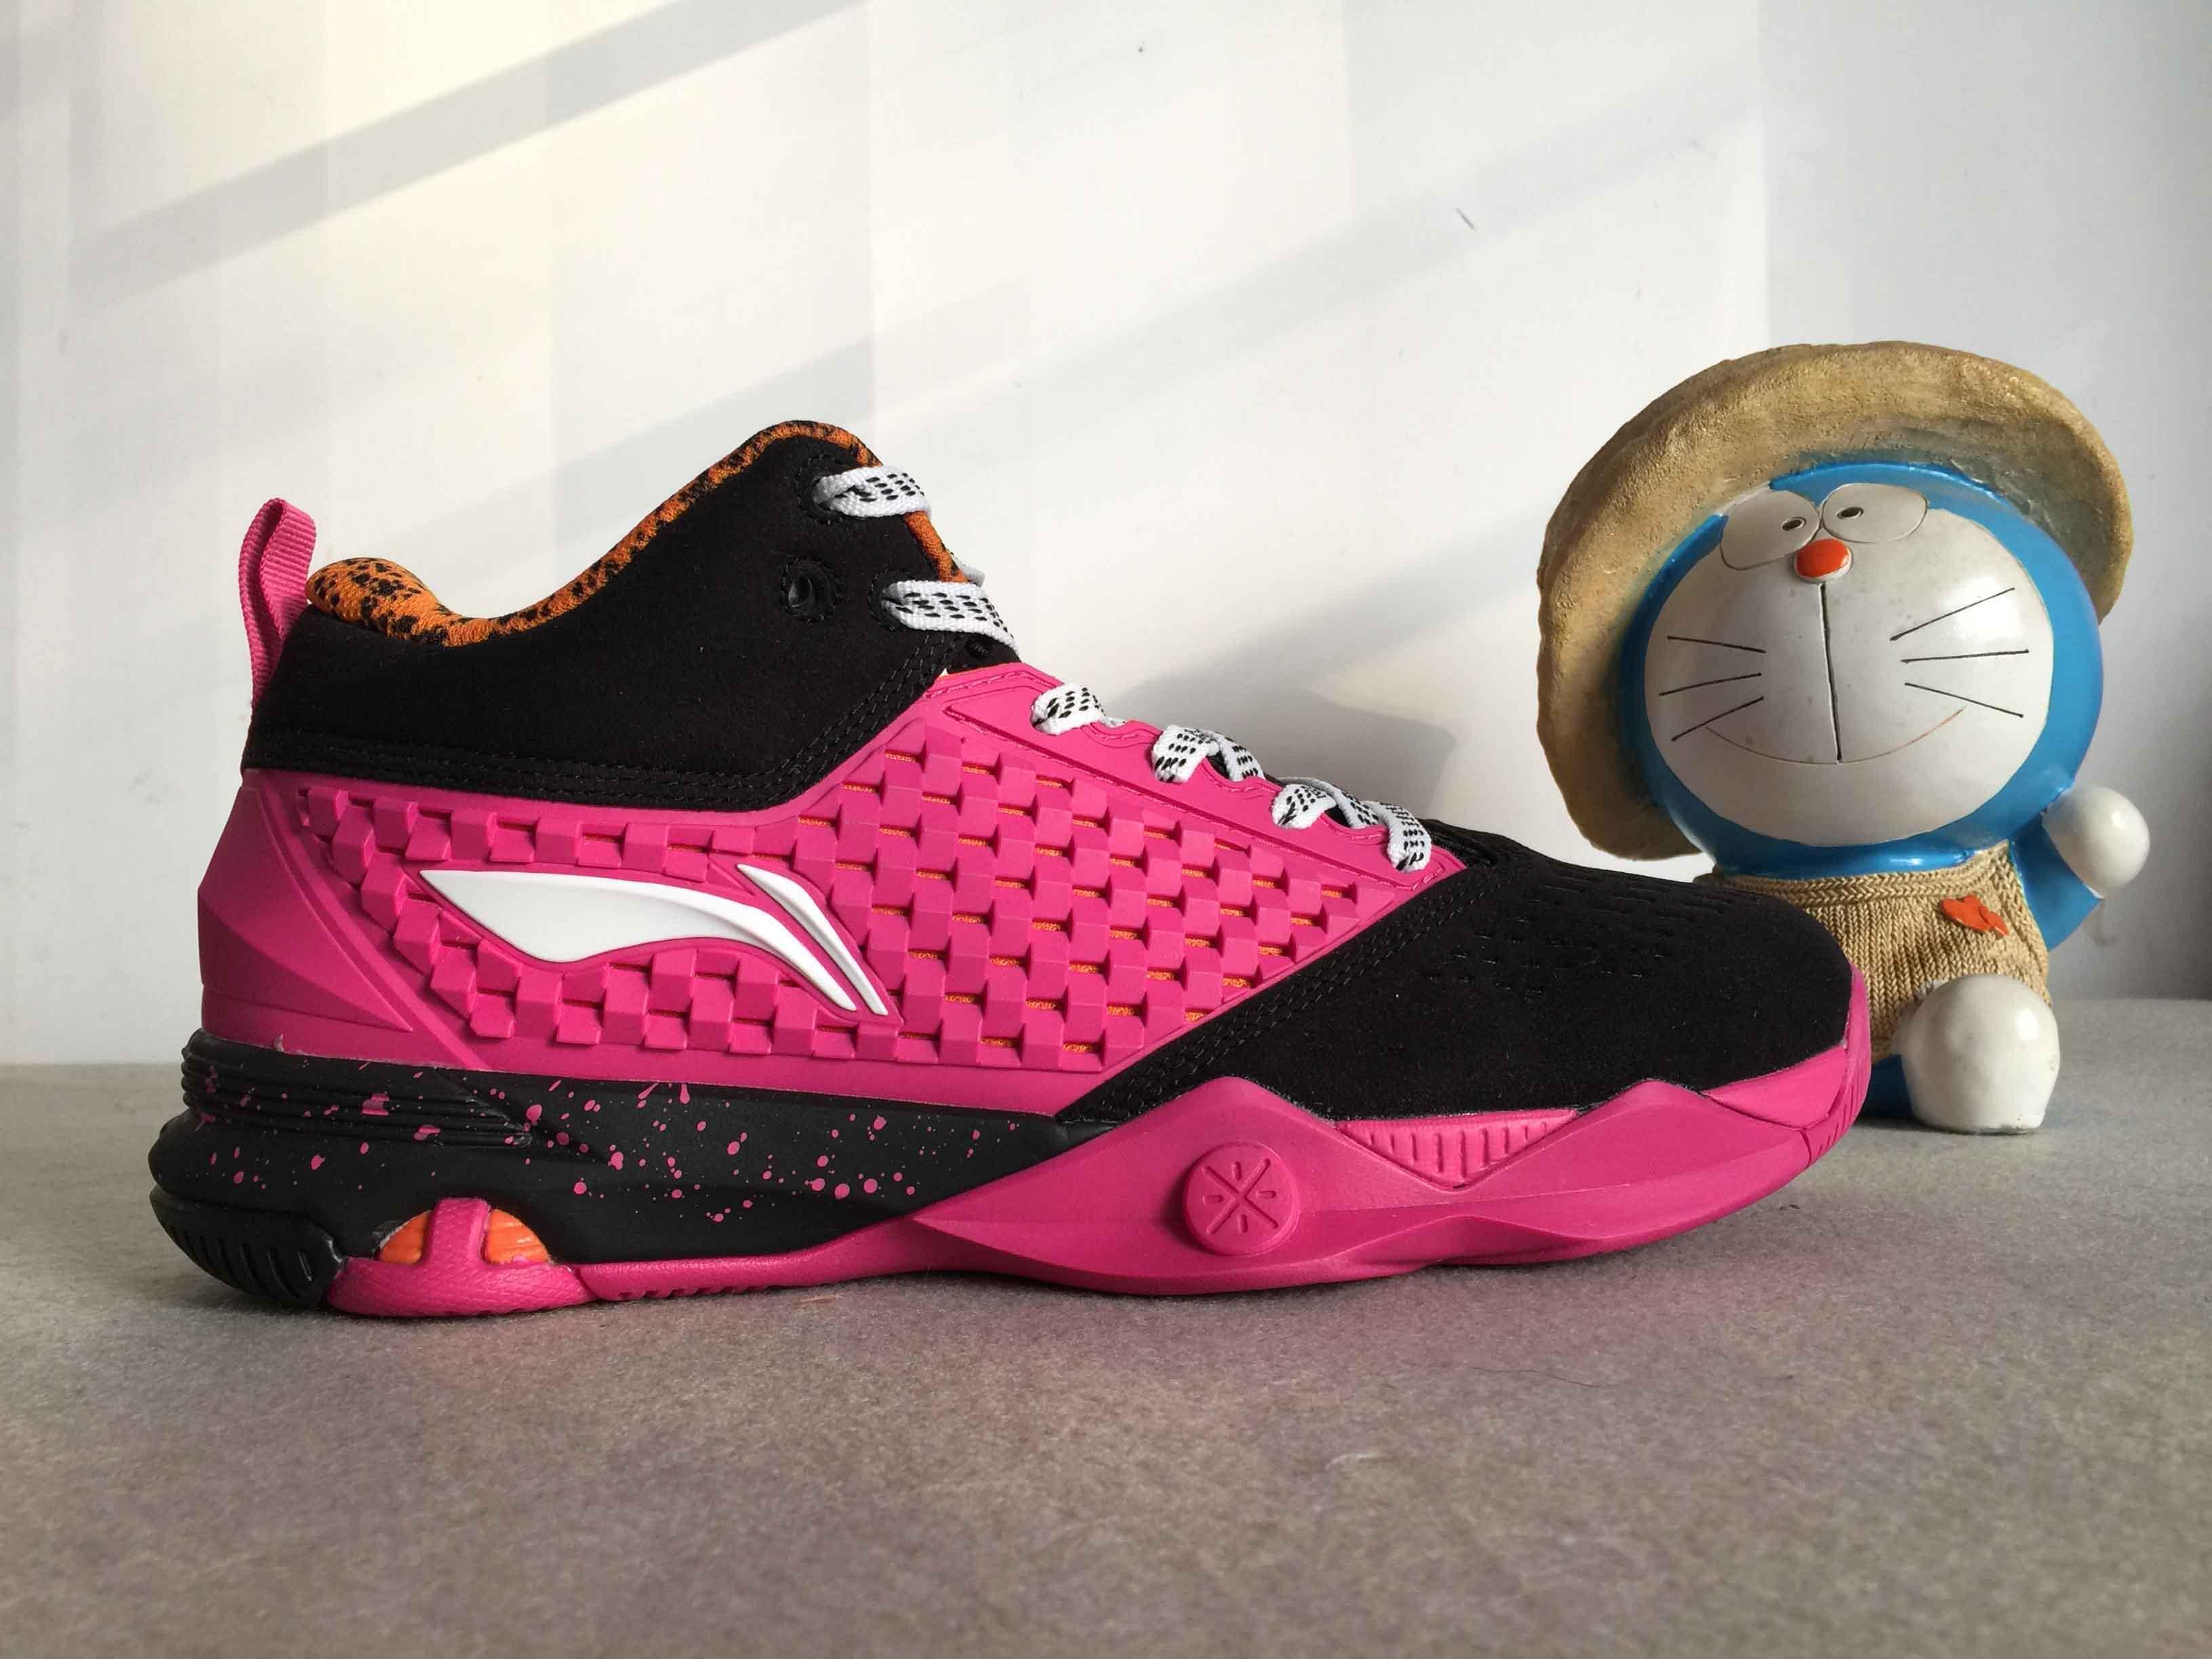 Daftar Harga Lining Sepatu Pria Baru Fisi Kebugaran Bola Basket Linning Jual Abfj023 5 Produk Asli Tempur Promosi Hitam Dan Merah Muda